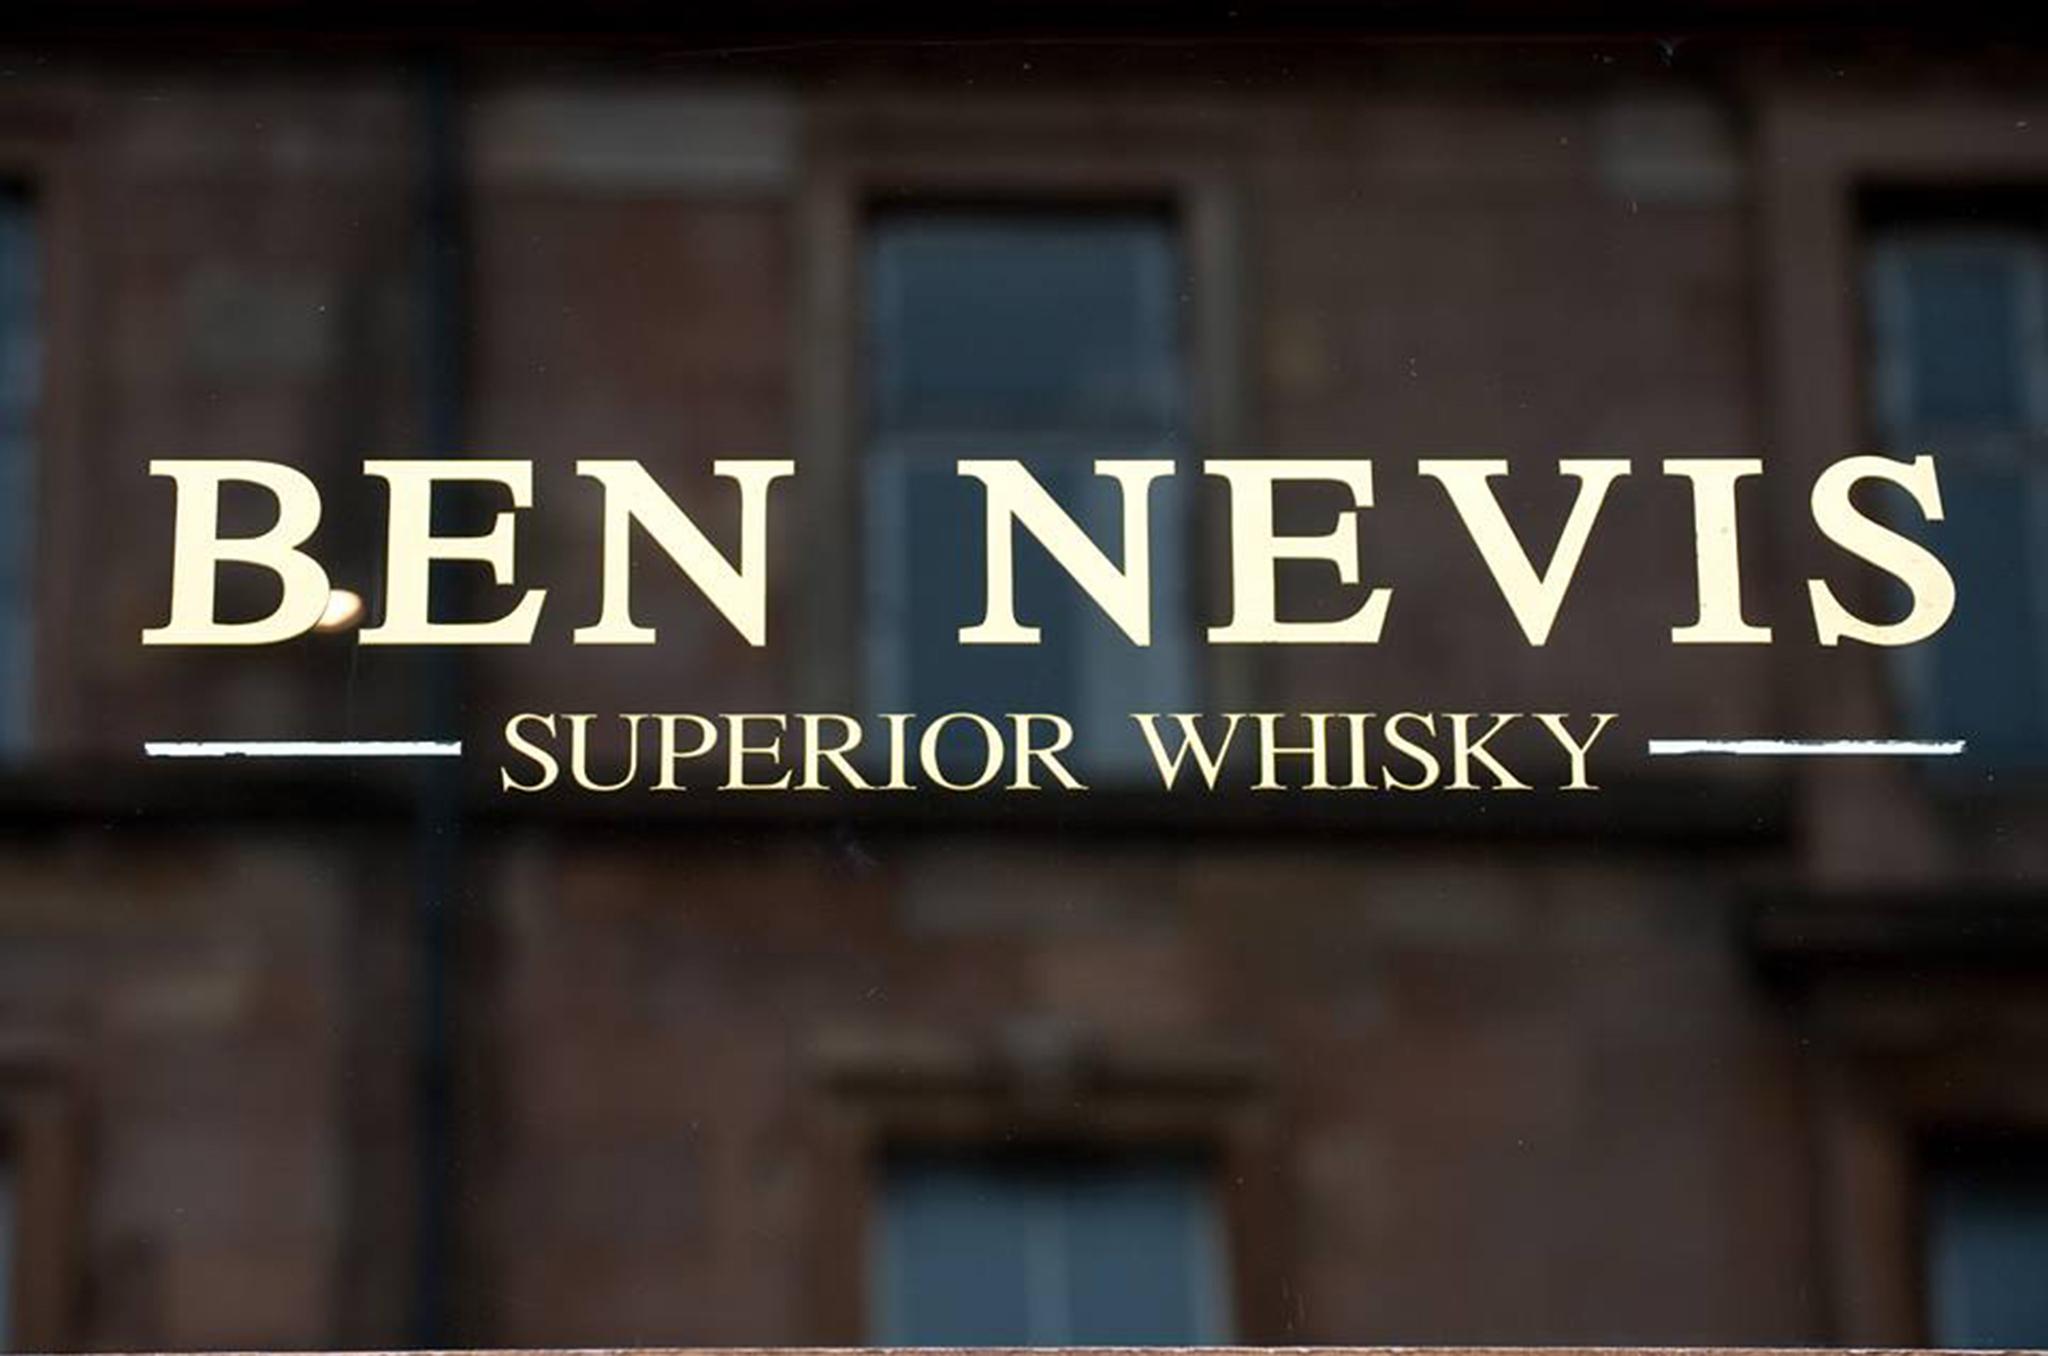 The Ben Nevis